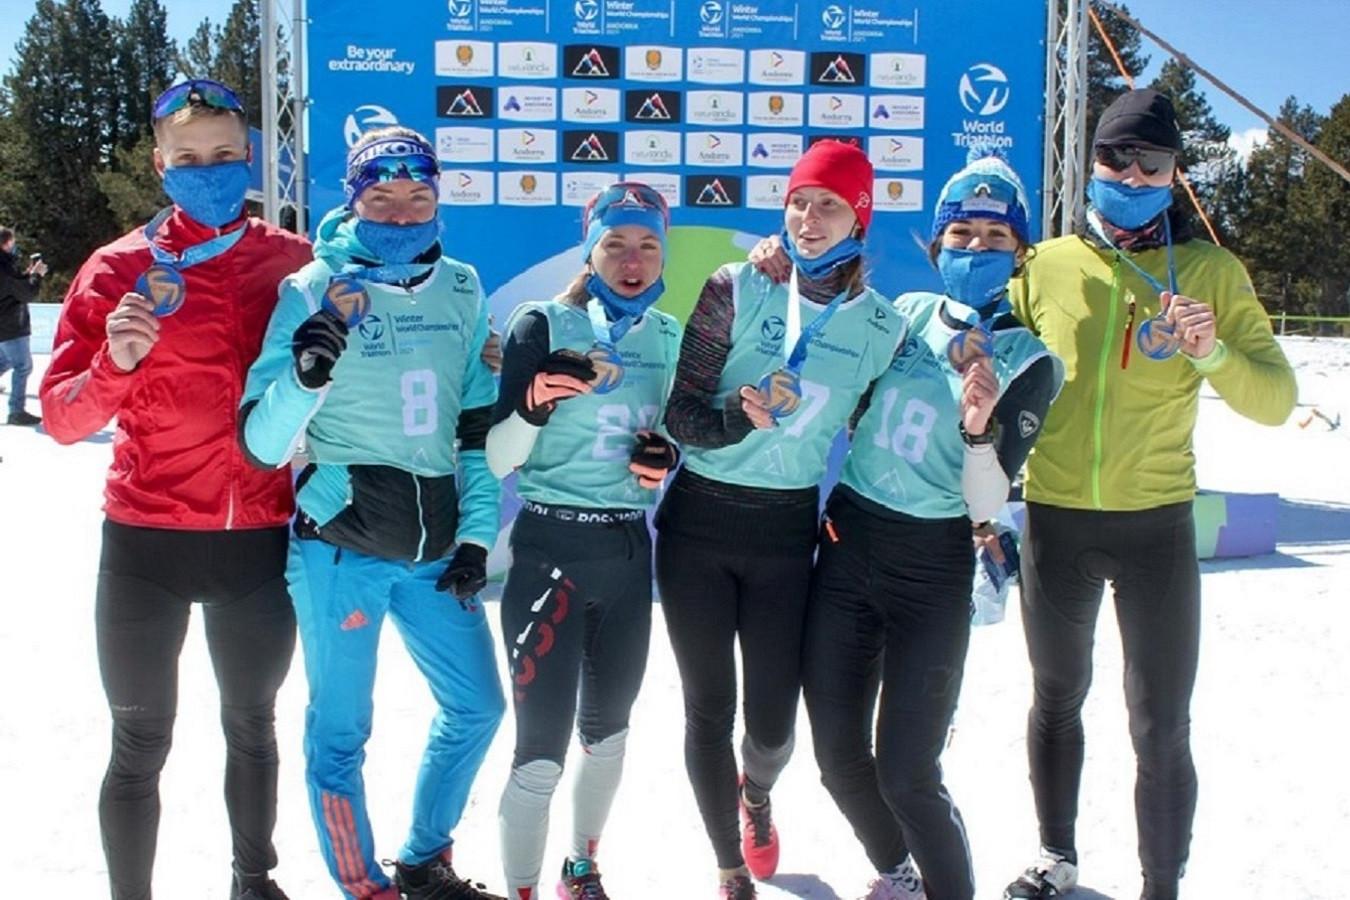 Сборная России по зимнему триатлону стала лидером по числу медалей на чемпионате мира